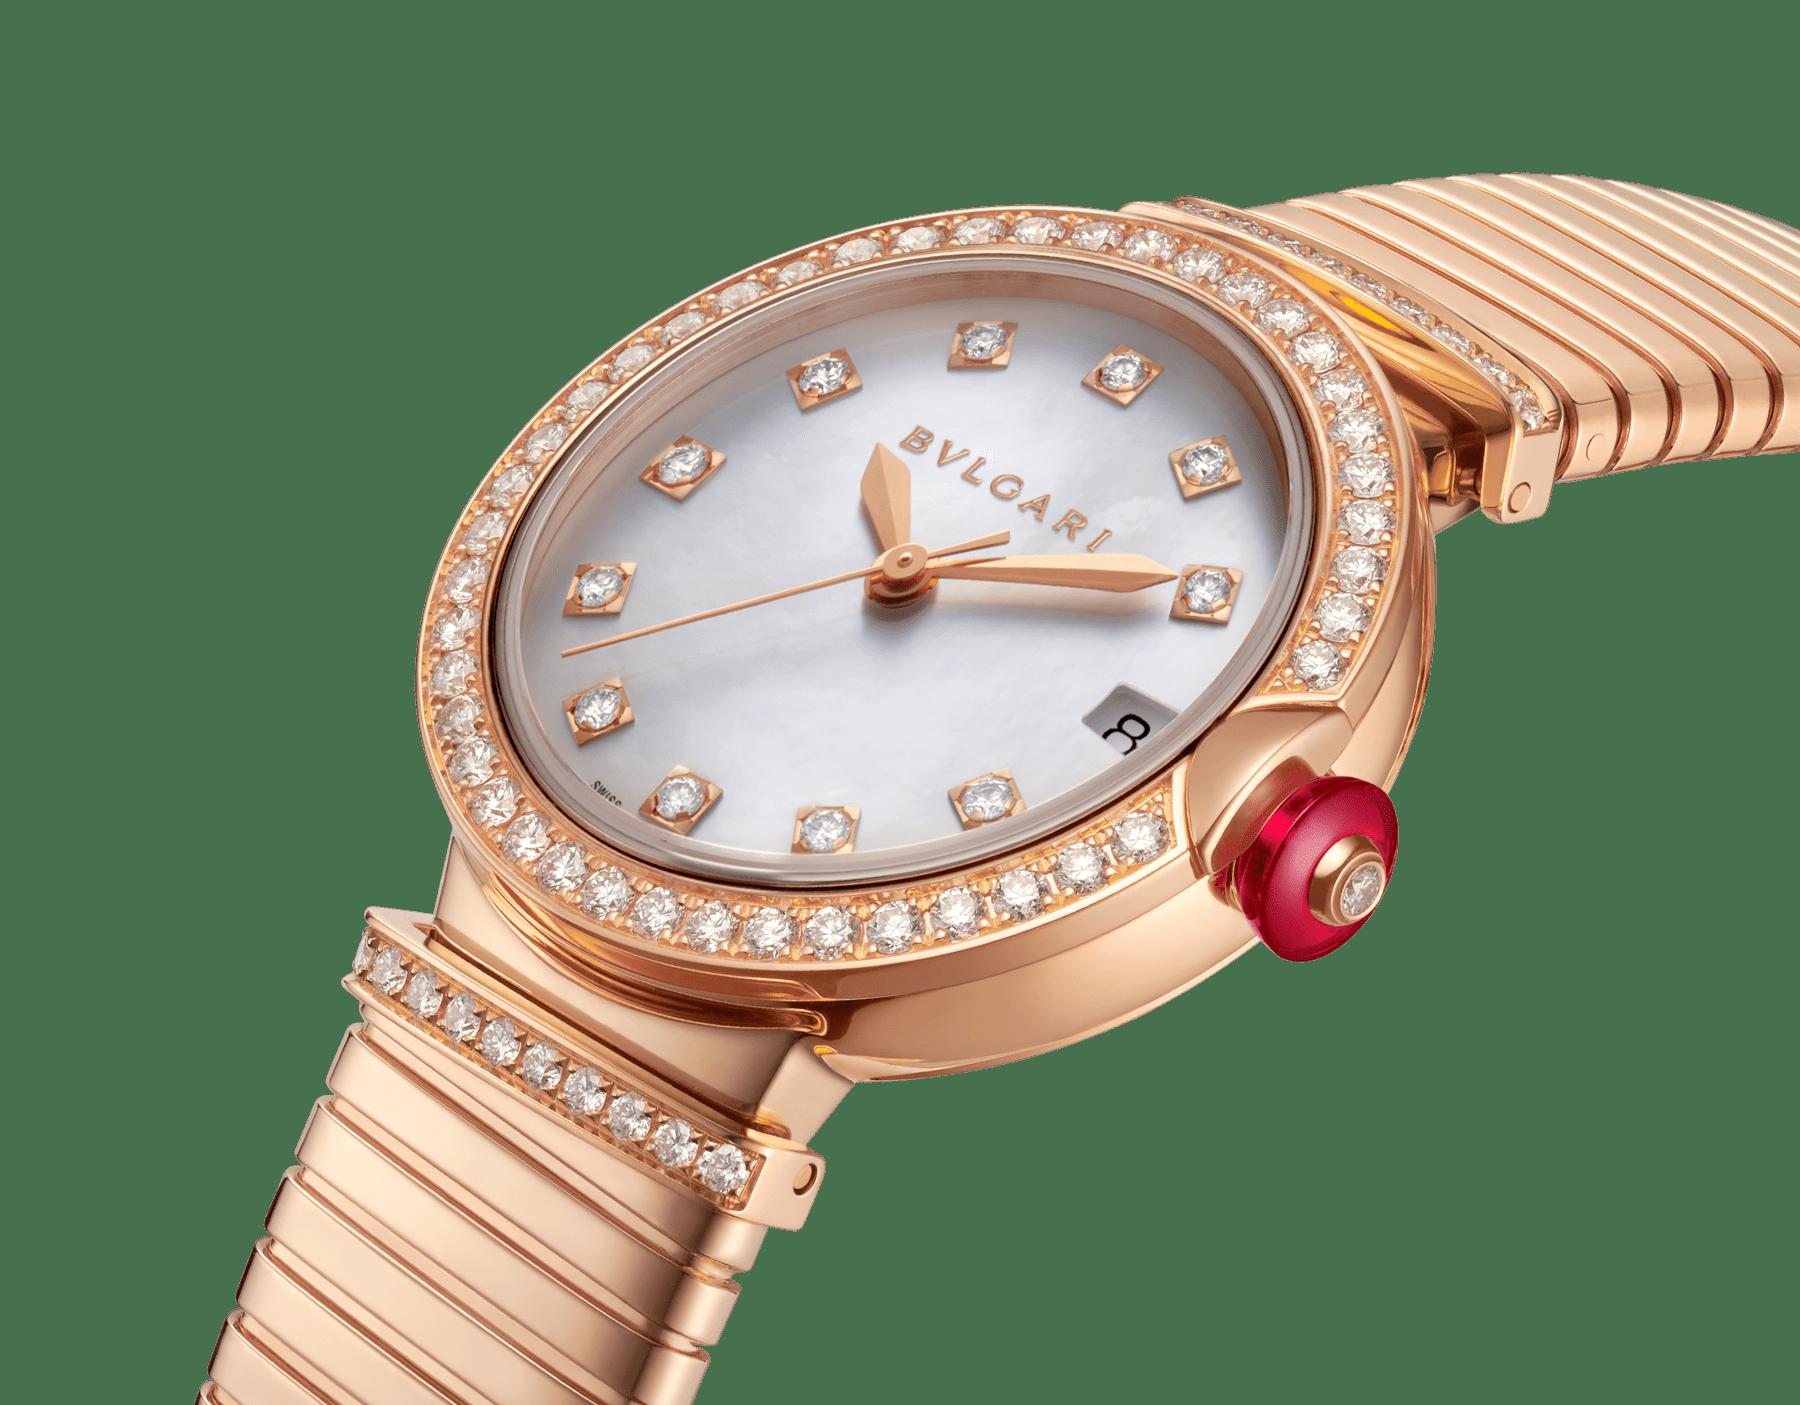 Montre LVCEA Tubogas avec boîtier en or rose 18K serti de diamants, cadran en nacre blanche, index sertis de diamants et bracelet Tubogas en or rose 18K 103034 image 2